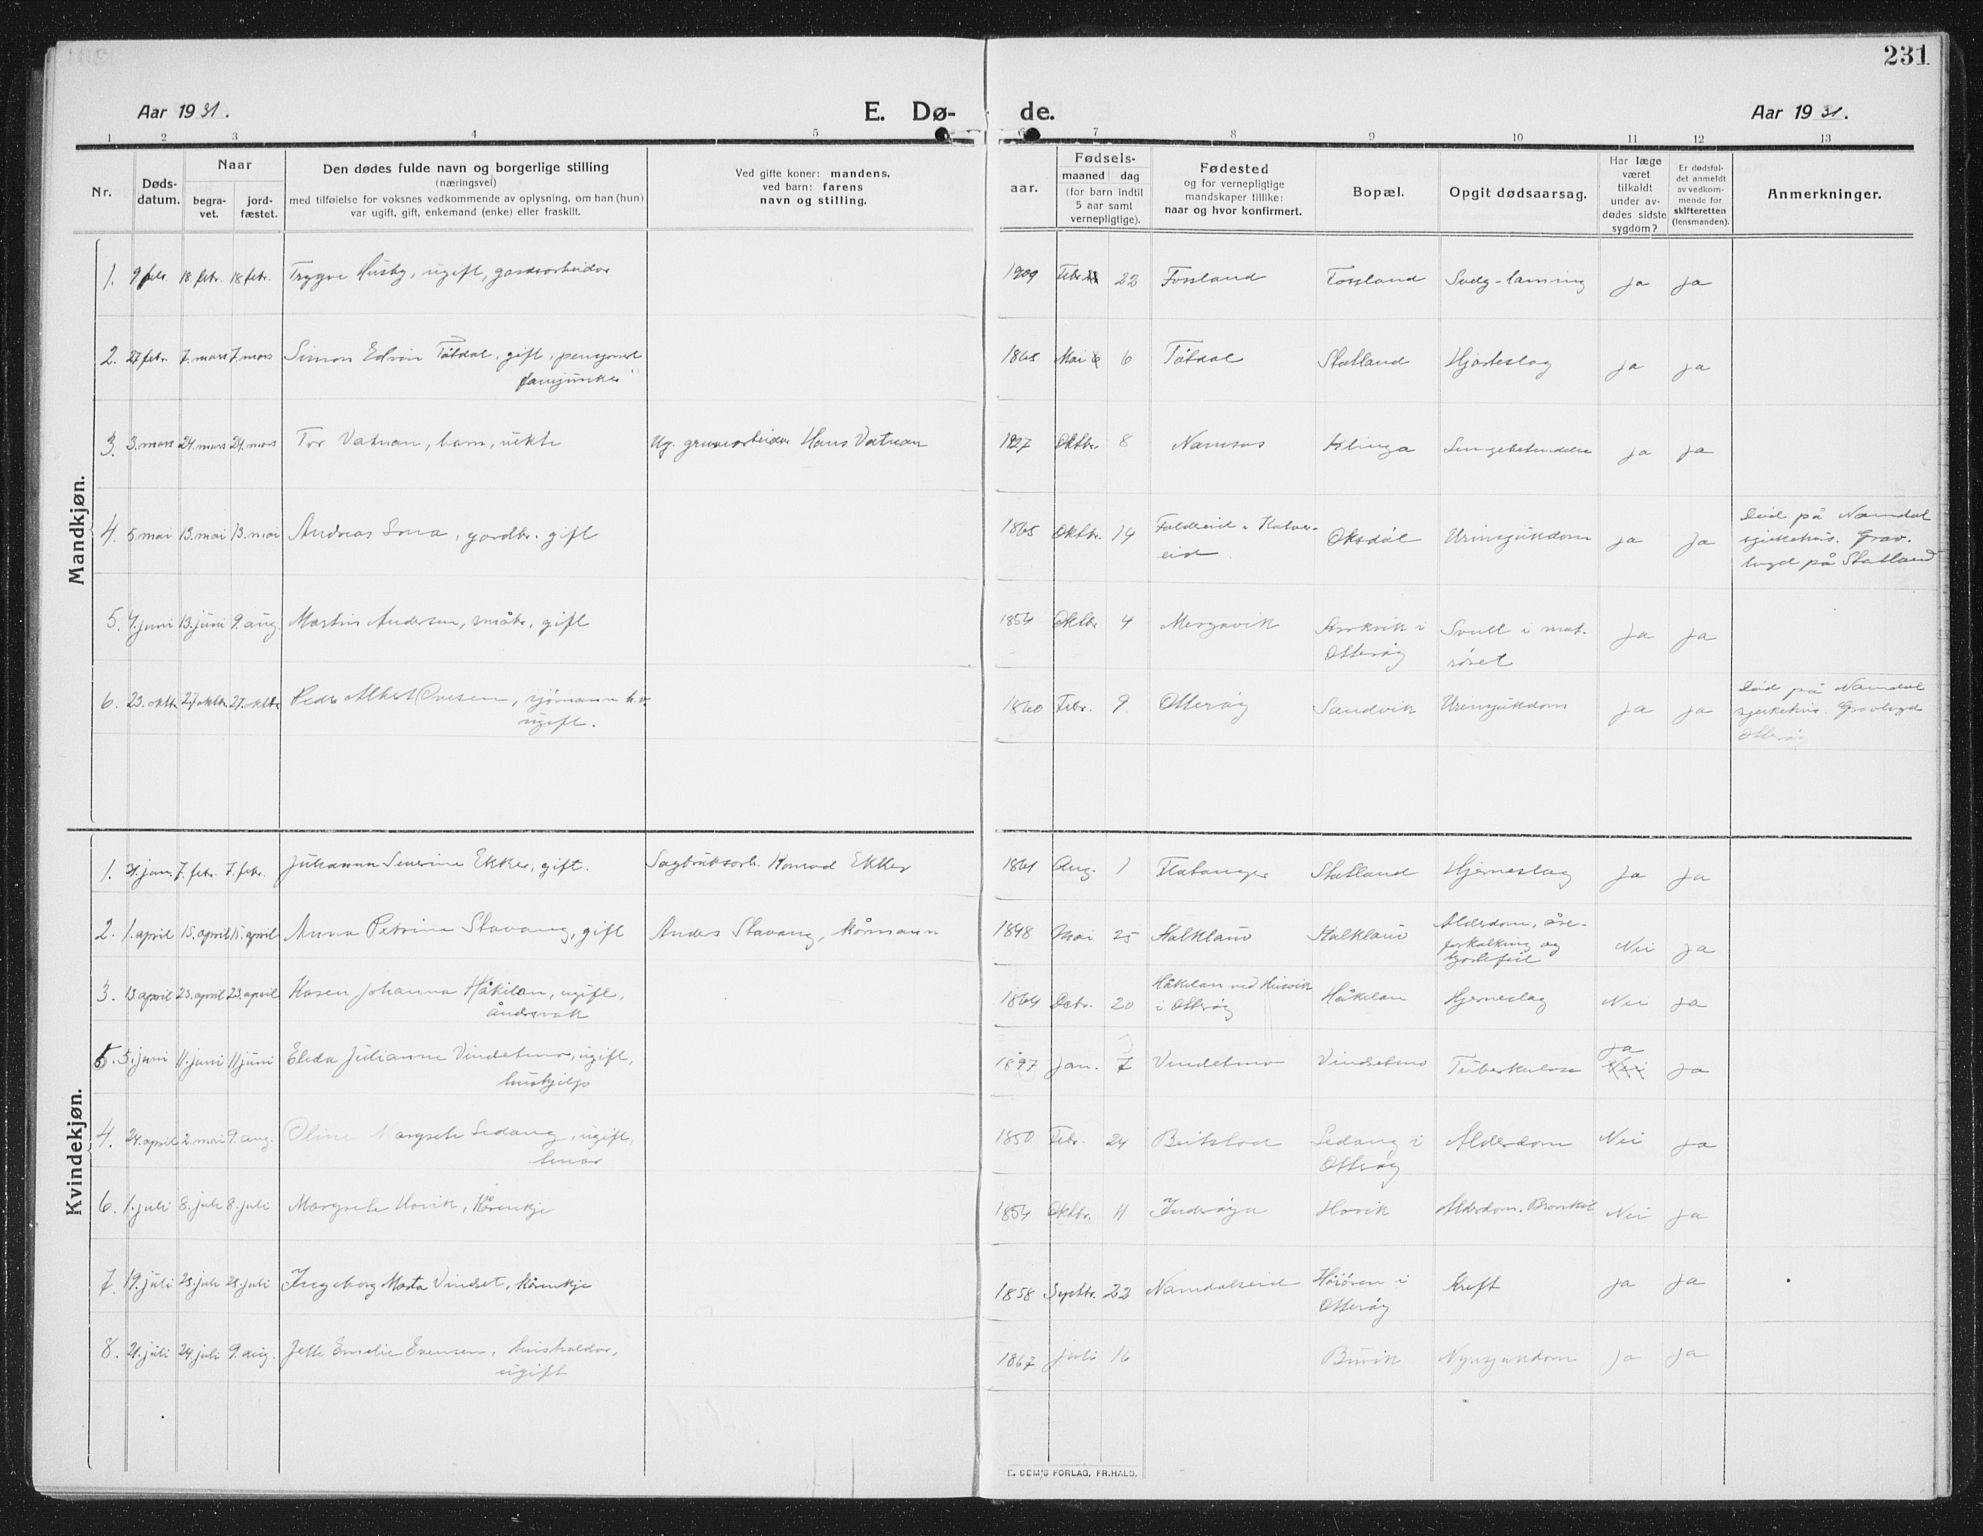 SAT, Ministerialprotokoller, klokkerbøker og fødselsregistre - Nord-Trøndelag, 774/L0630: Klokkerbok nr. 774C01, 1910-1934, s. 231